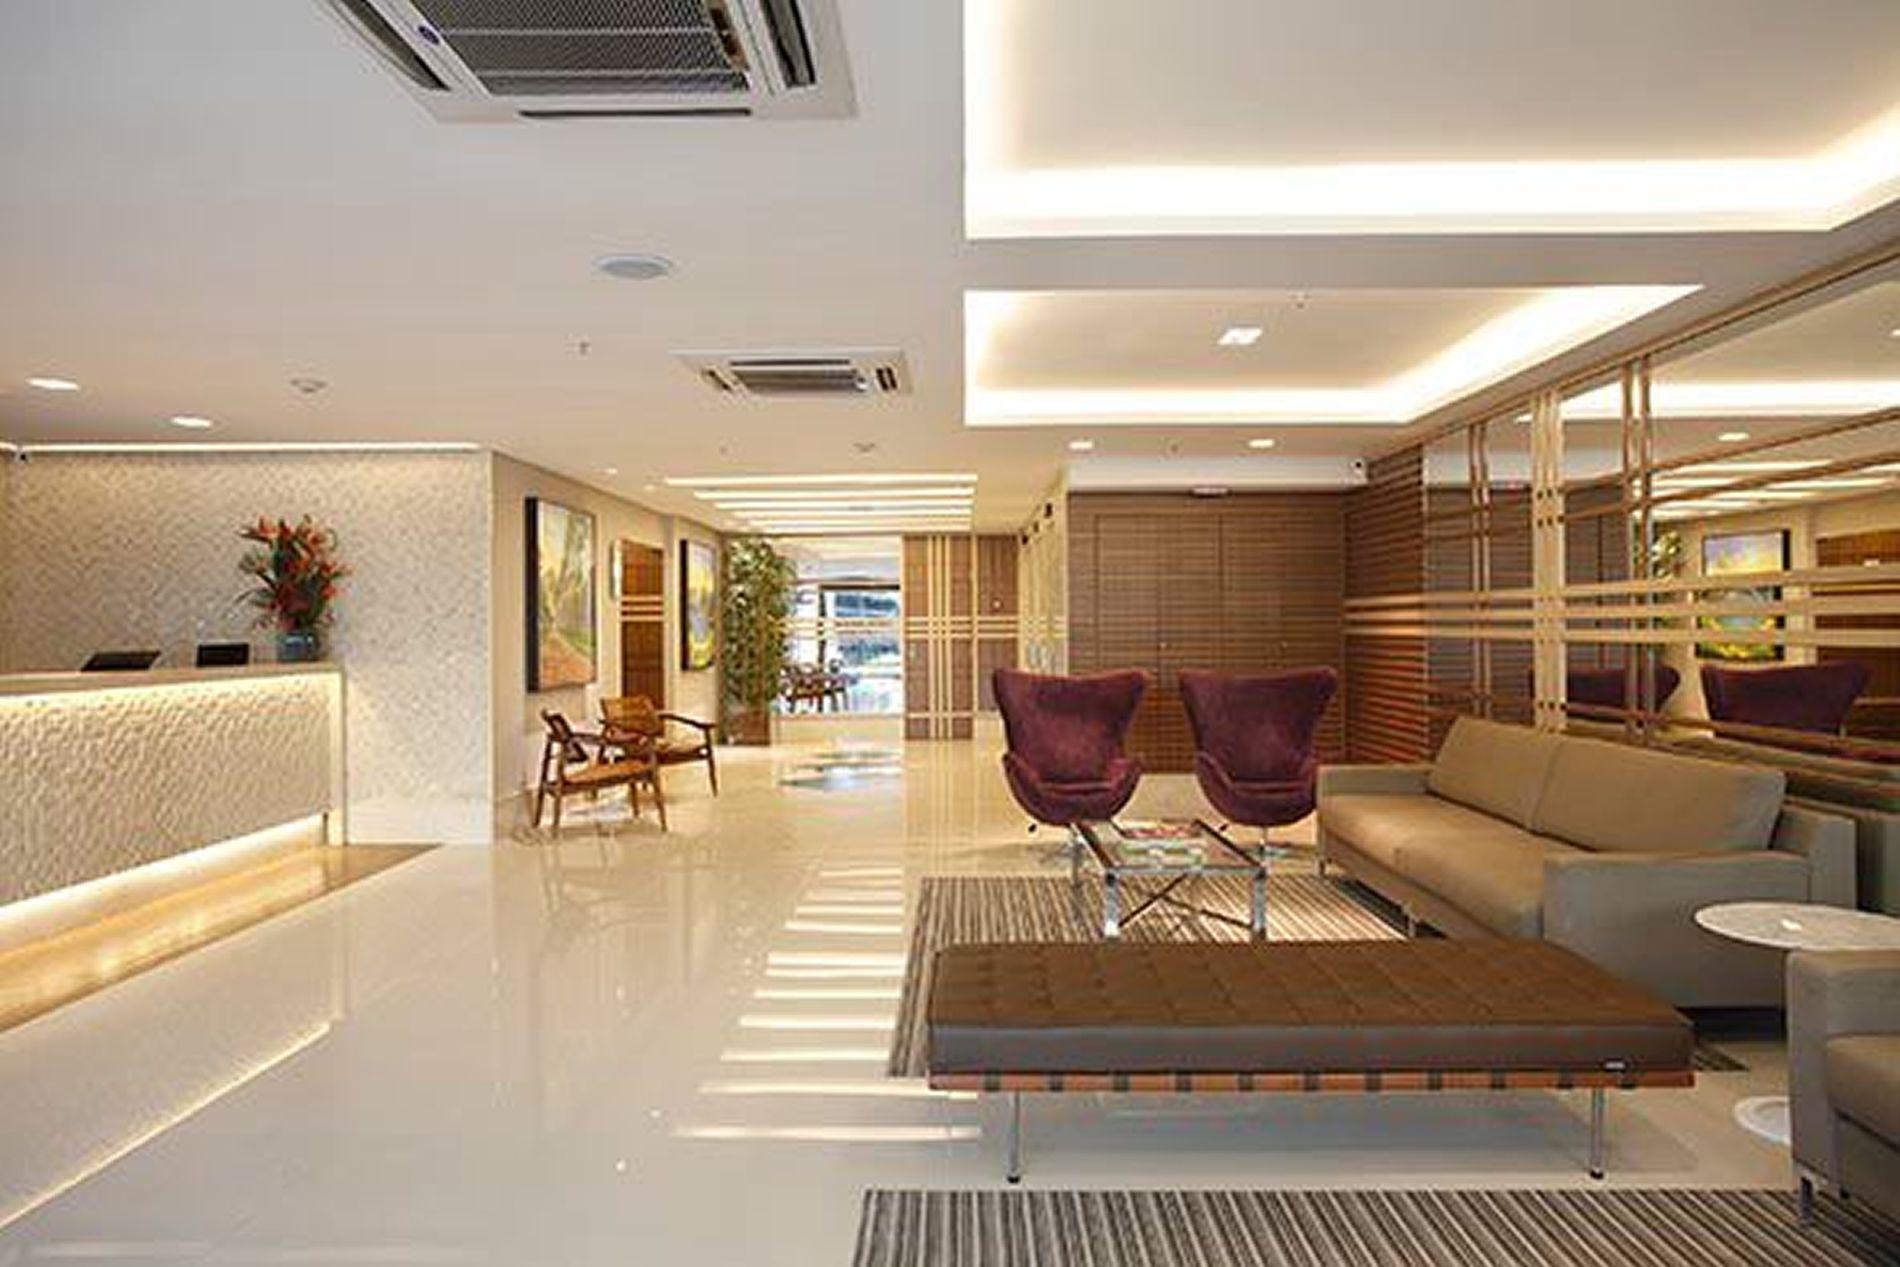 Projeto de Hotelaria Arquitetura de Recepções Espaçosas #664229 1900 1267